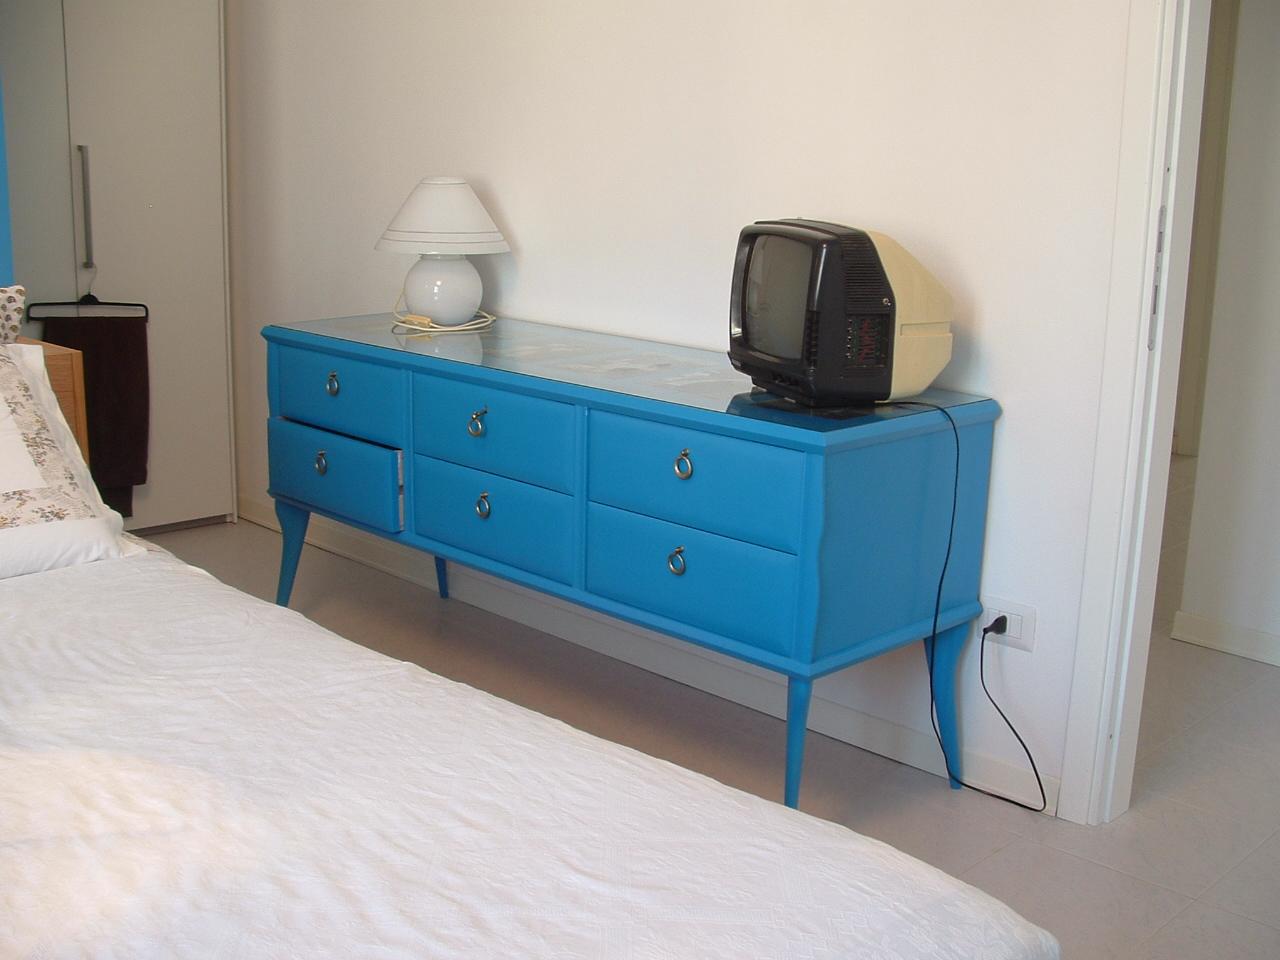 Dipingere mobili vecchi xw84 regardsdefemmes - Verniciare un mobile ...